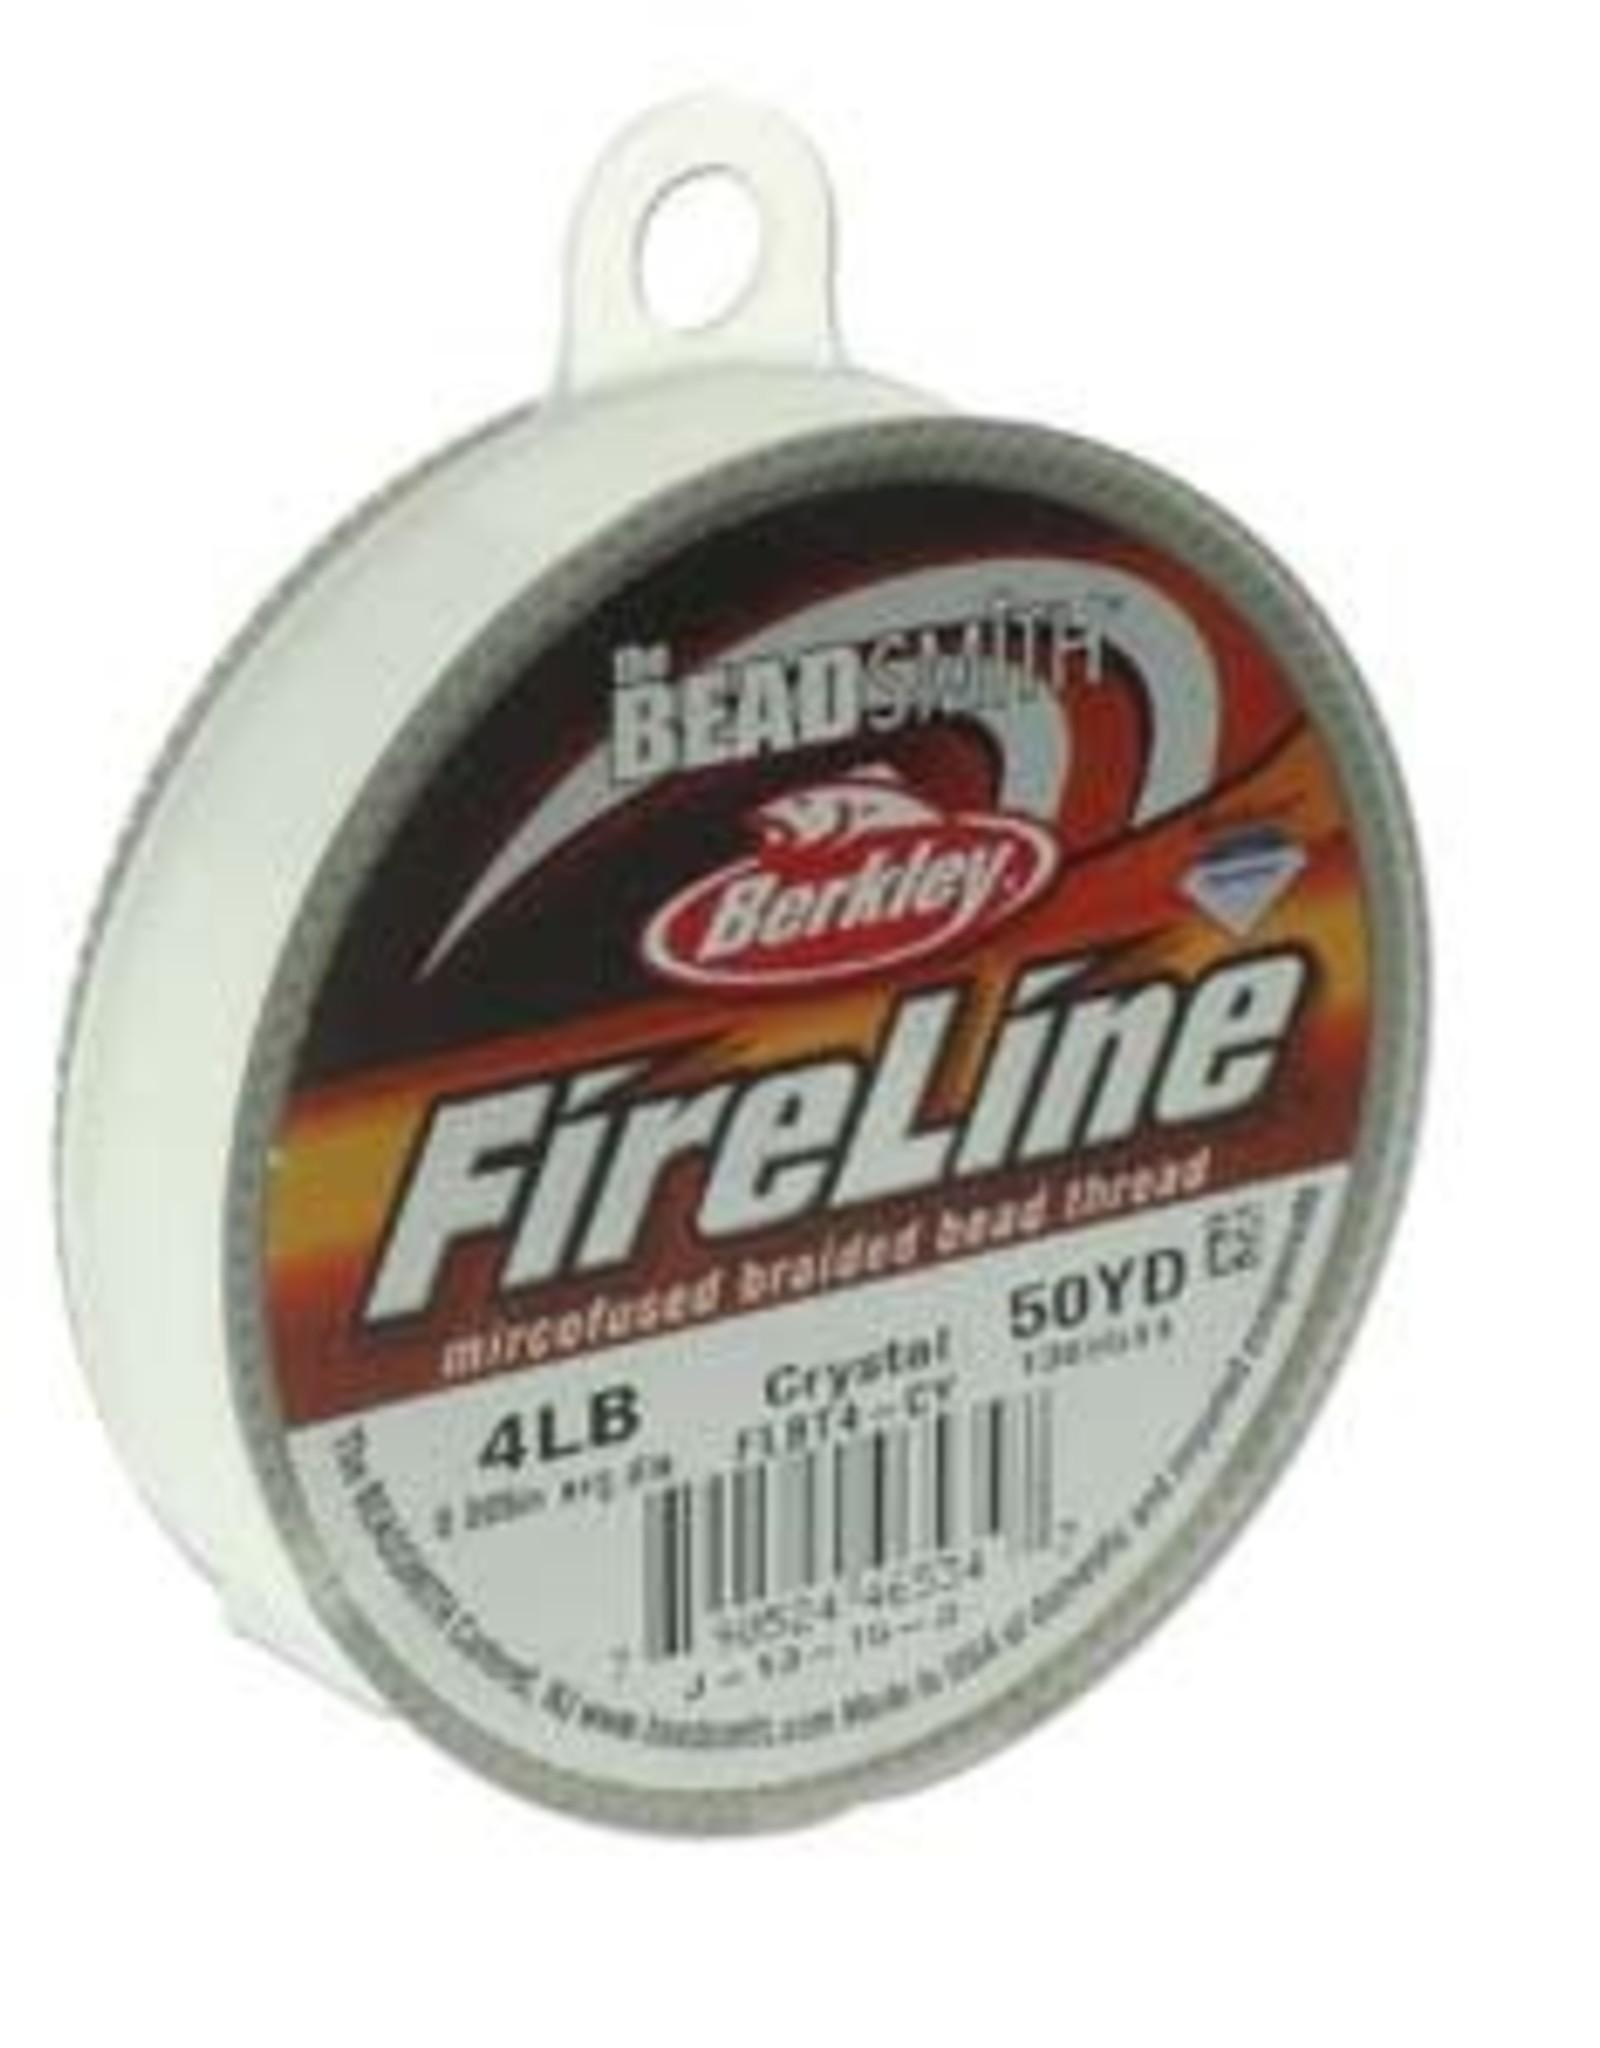 FireLine 4lb Crystal 50 yd Spool